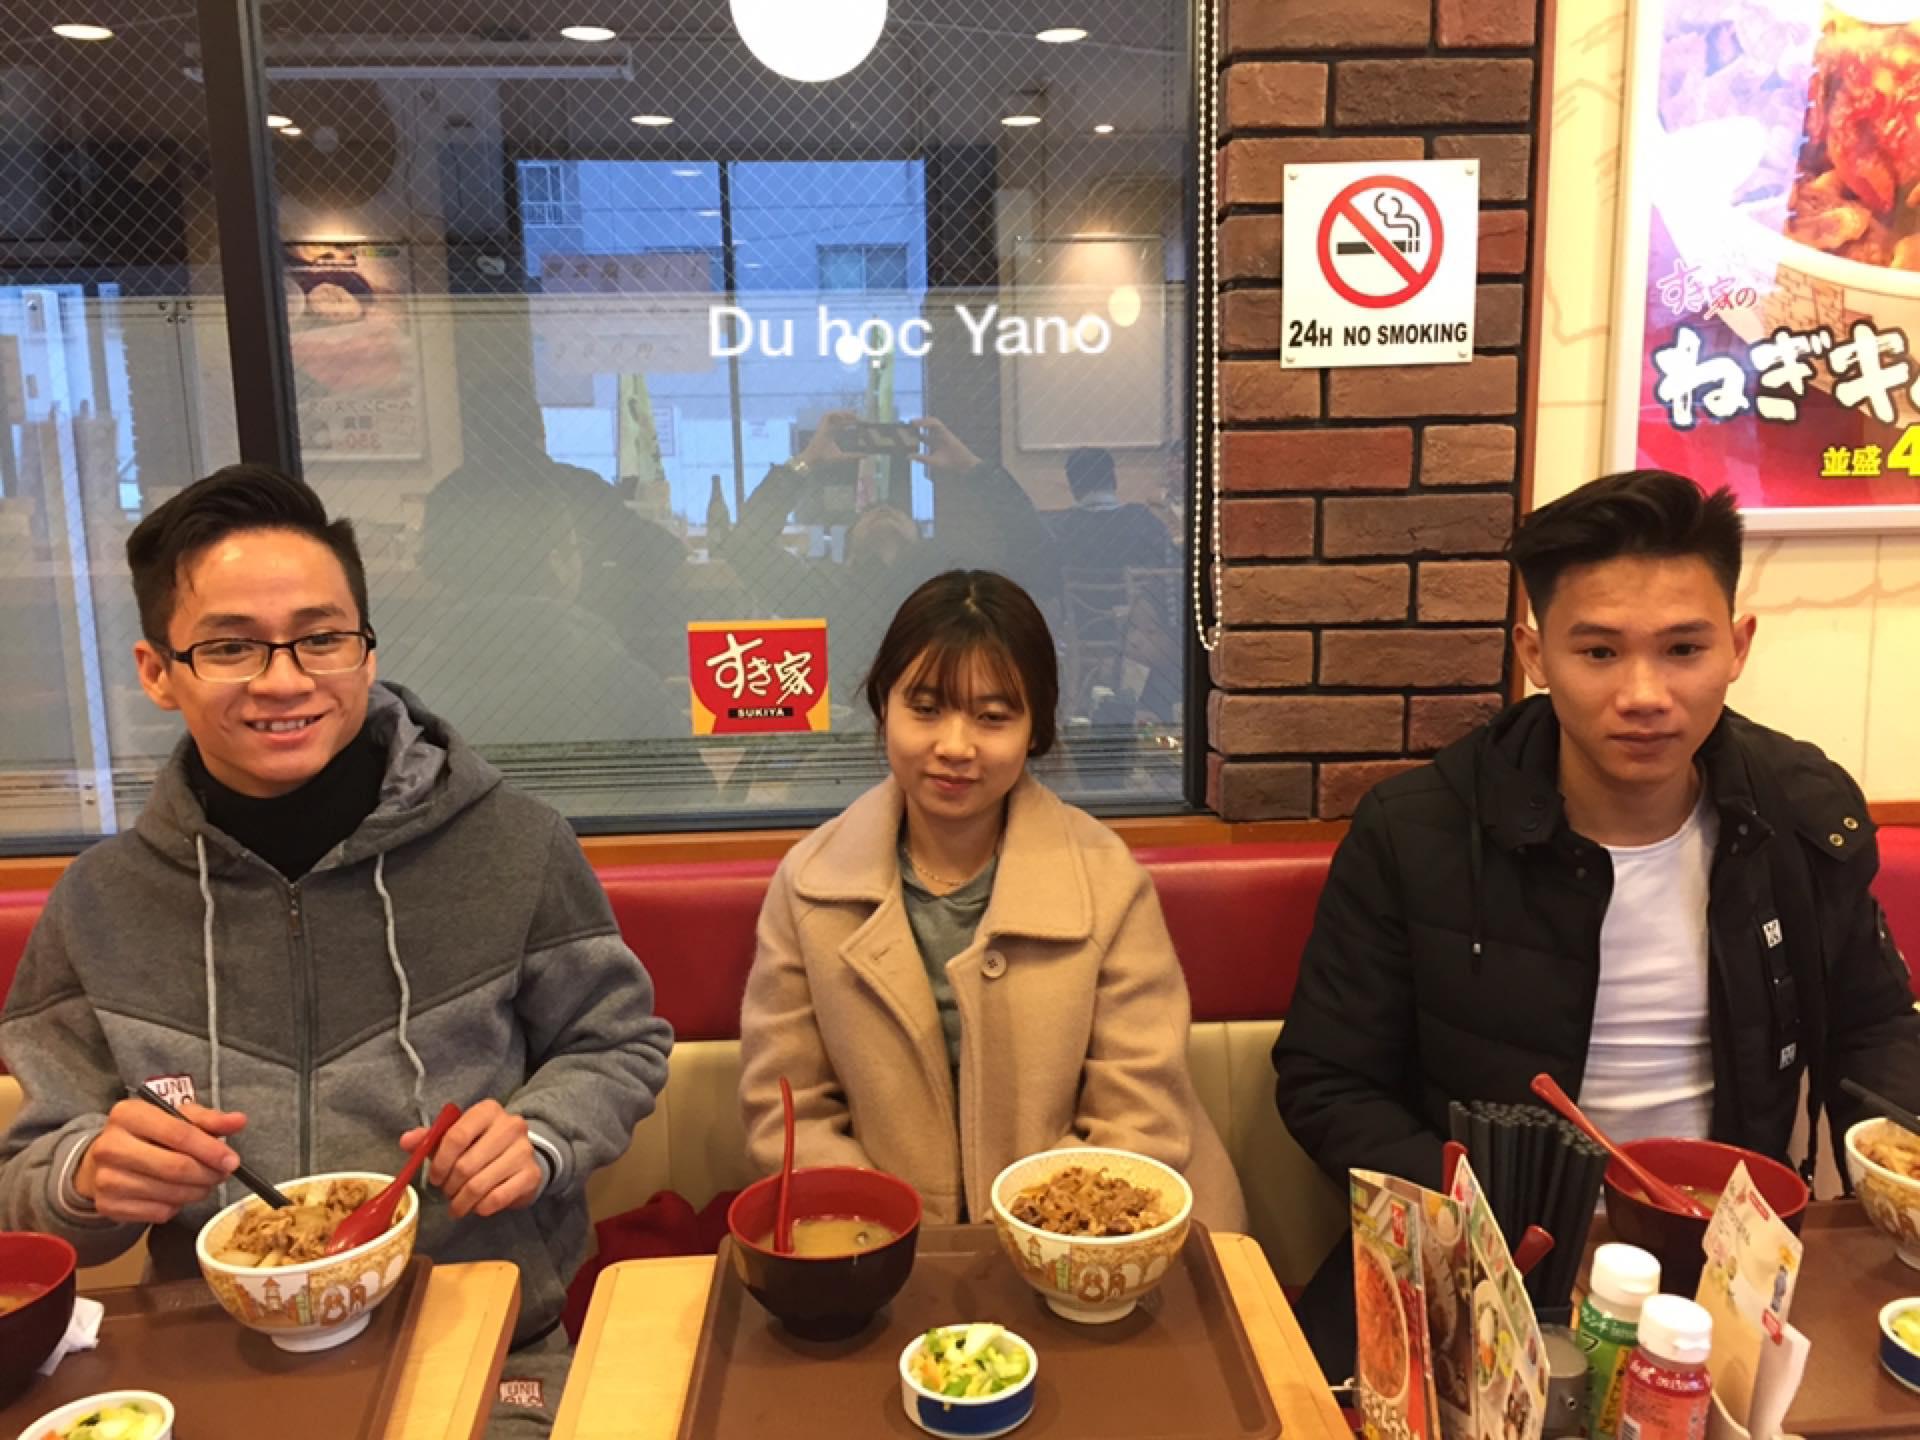 Mua sắm ngày đầu sang Nhật Bản,cùng DHS Yano   26/03/2017